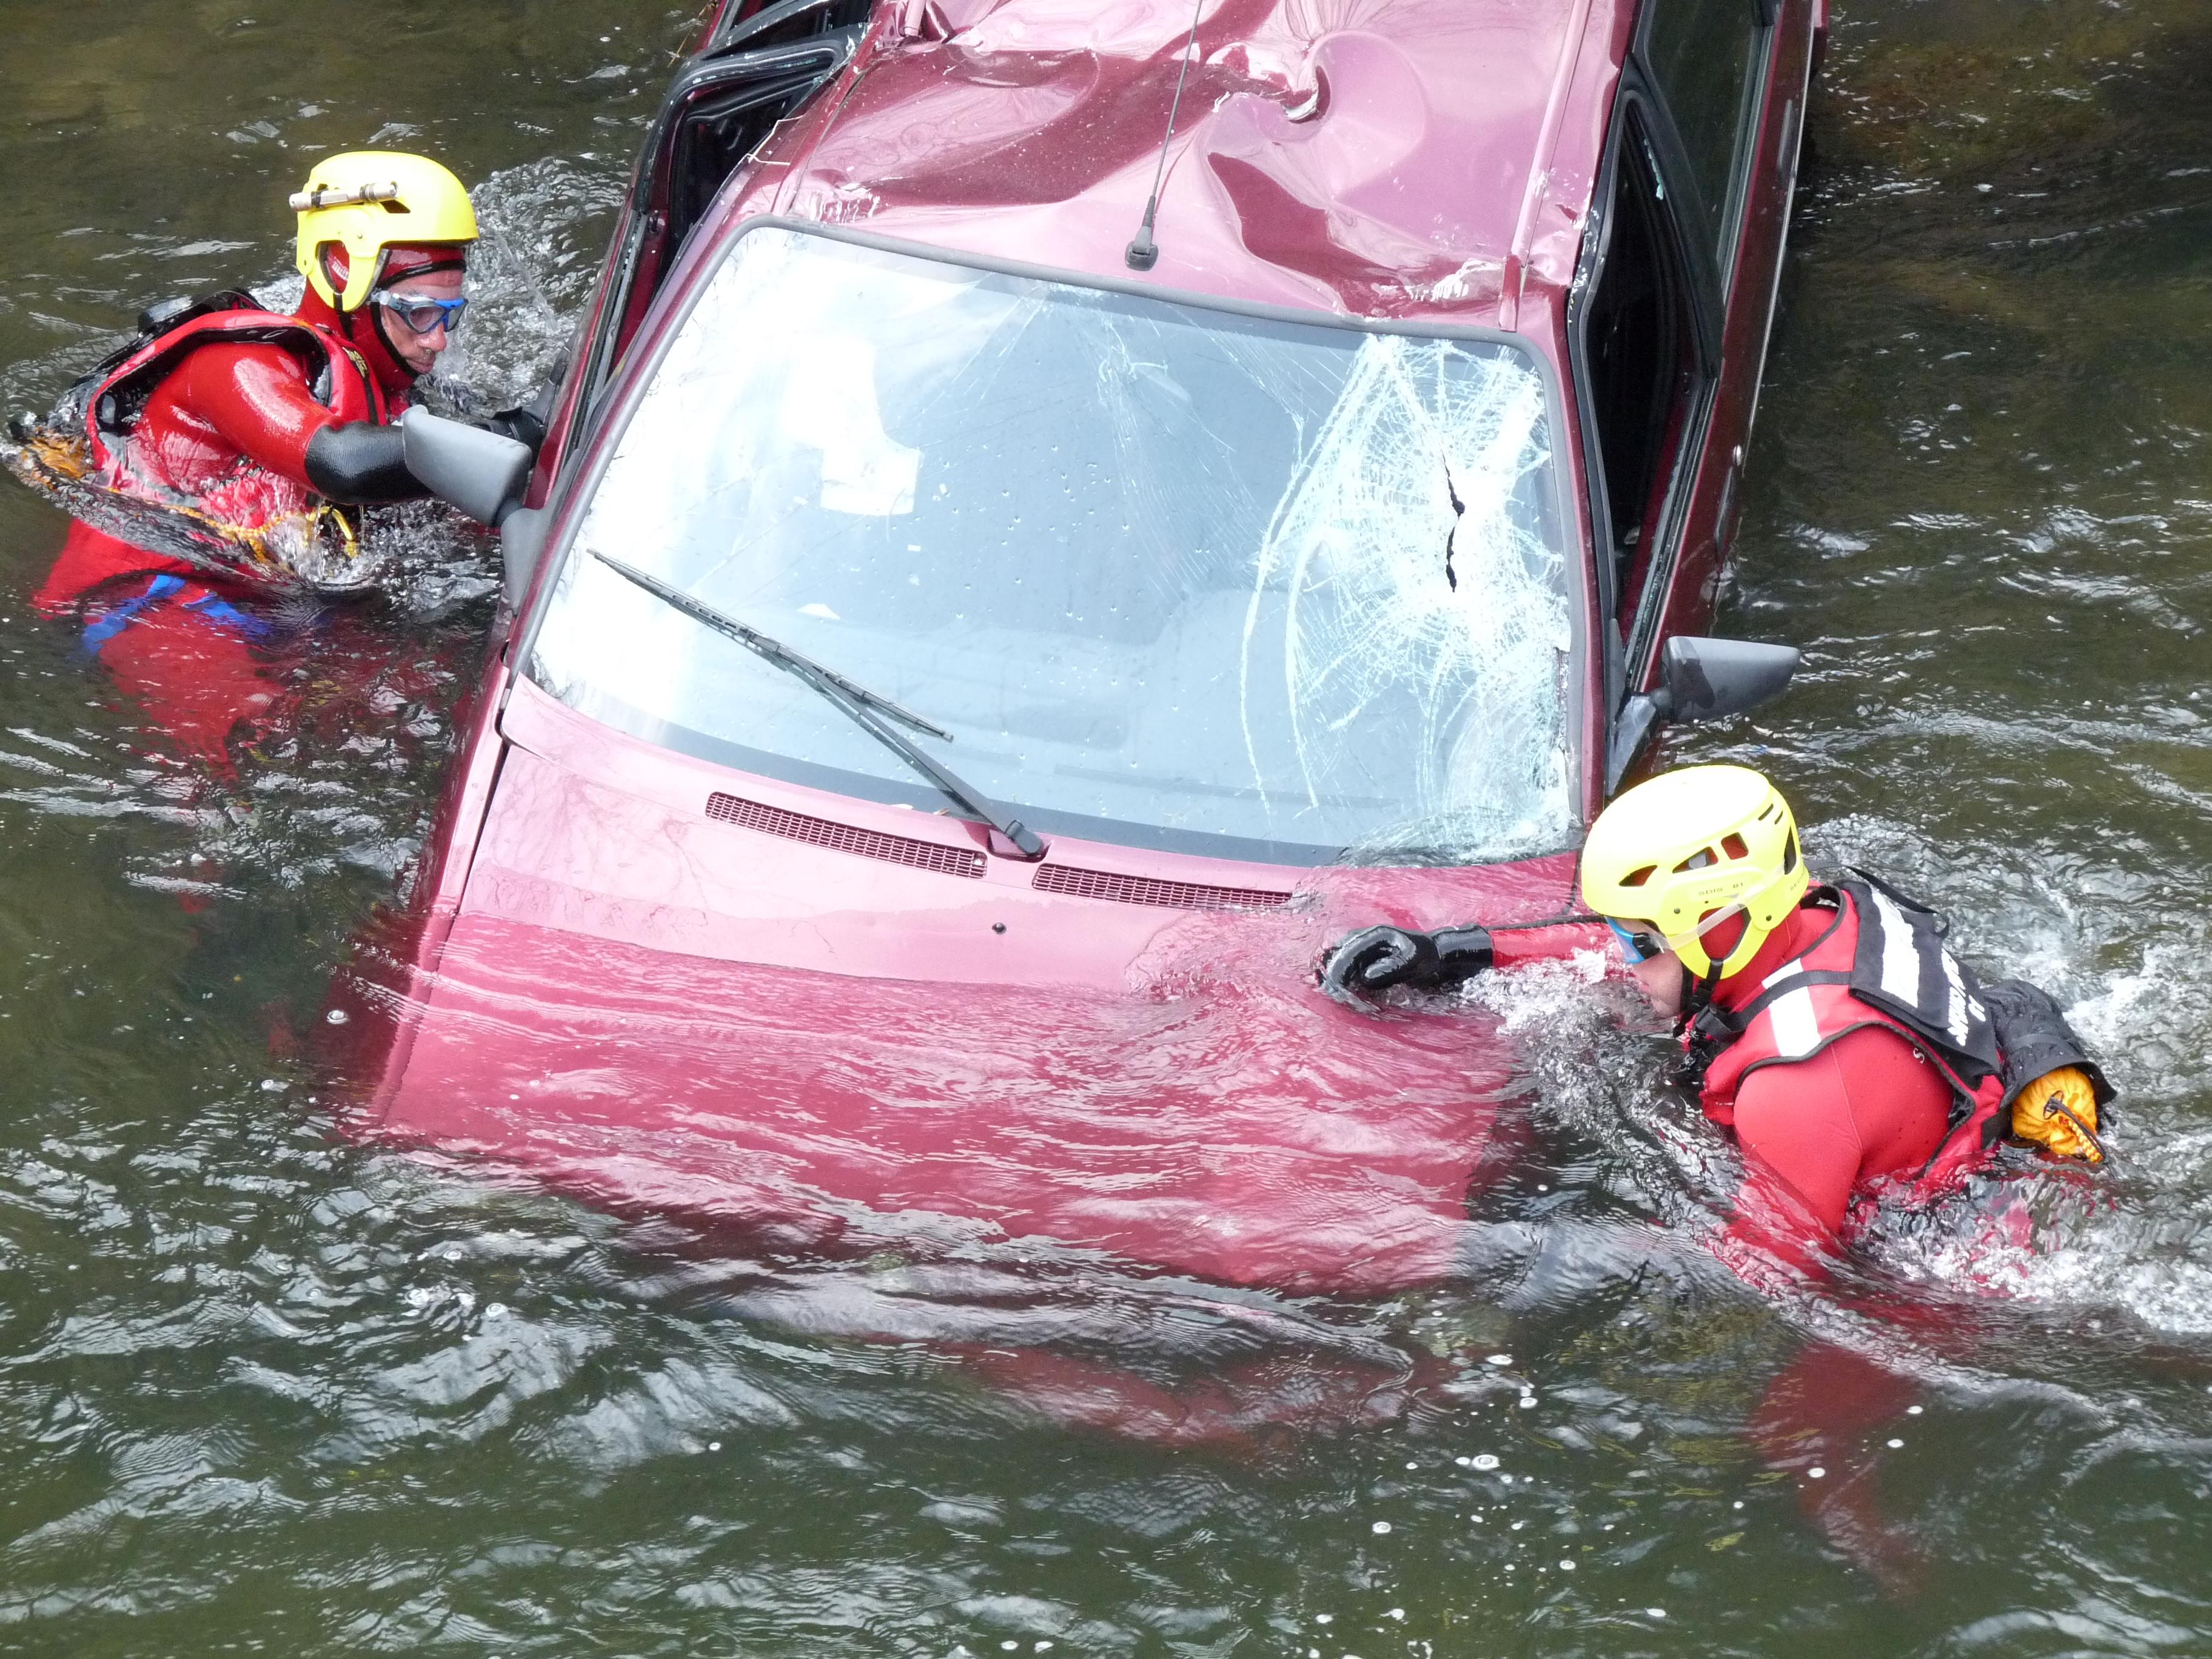 Accident d'une voiture dans un cours d'eau